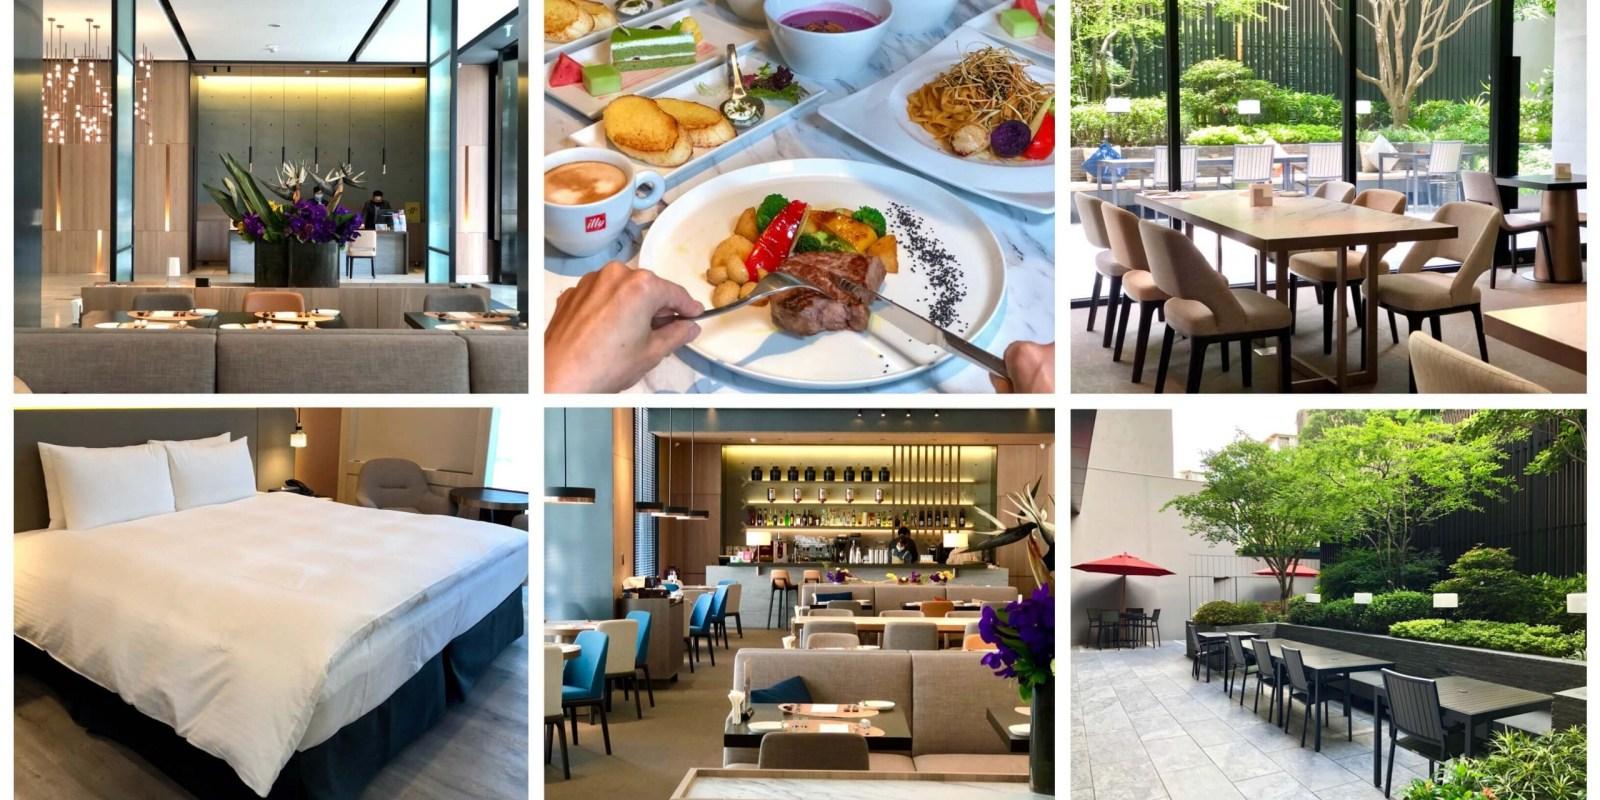 【台北住宿】美侖商旅 PARKVIEW TAIPEI 美侖飯店集團打造的全新品牌,座落於精華地帶